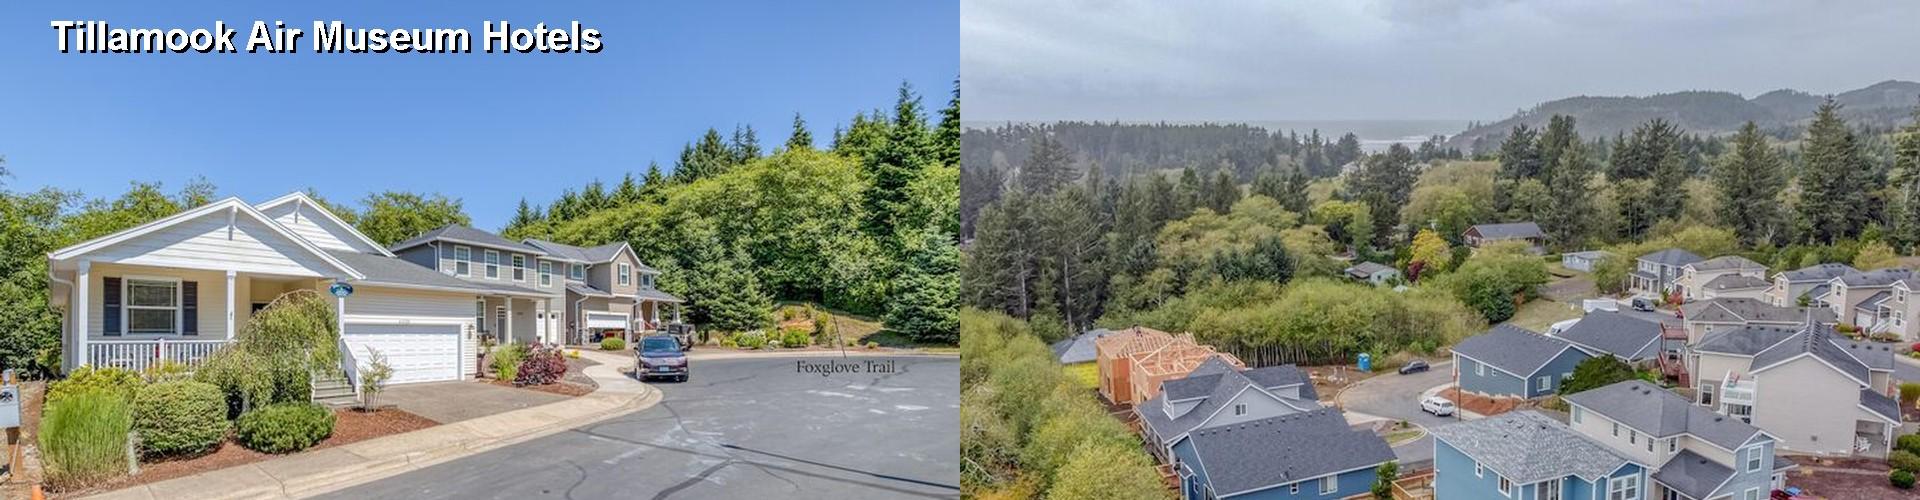 2 Best Hotels Near Tillamook Air Museum